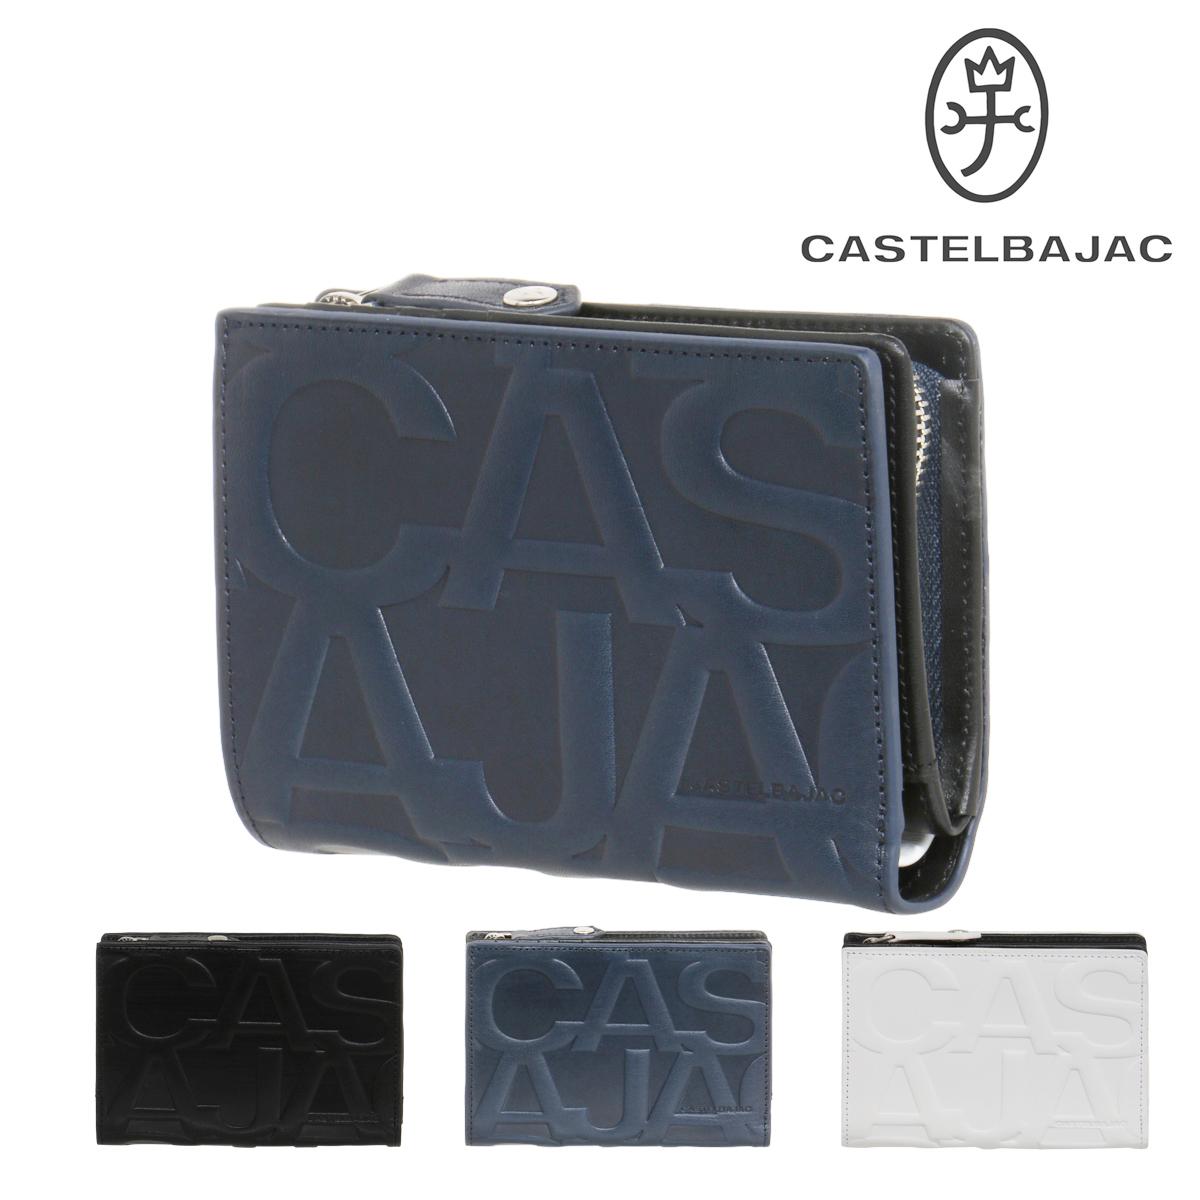 カステルバジャック 二つ折り財布 ミニ財布 レノ メンズ 36615 CASTELBAJAC | 本革 牛革 レザー[PO10][bef][即日発送]